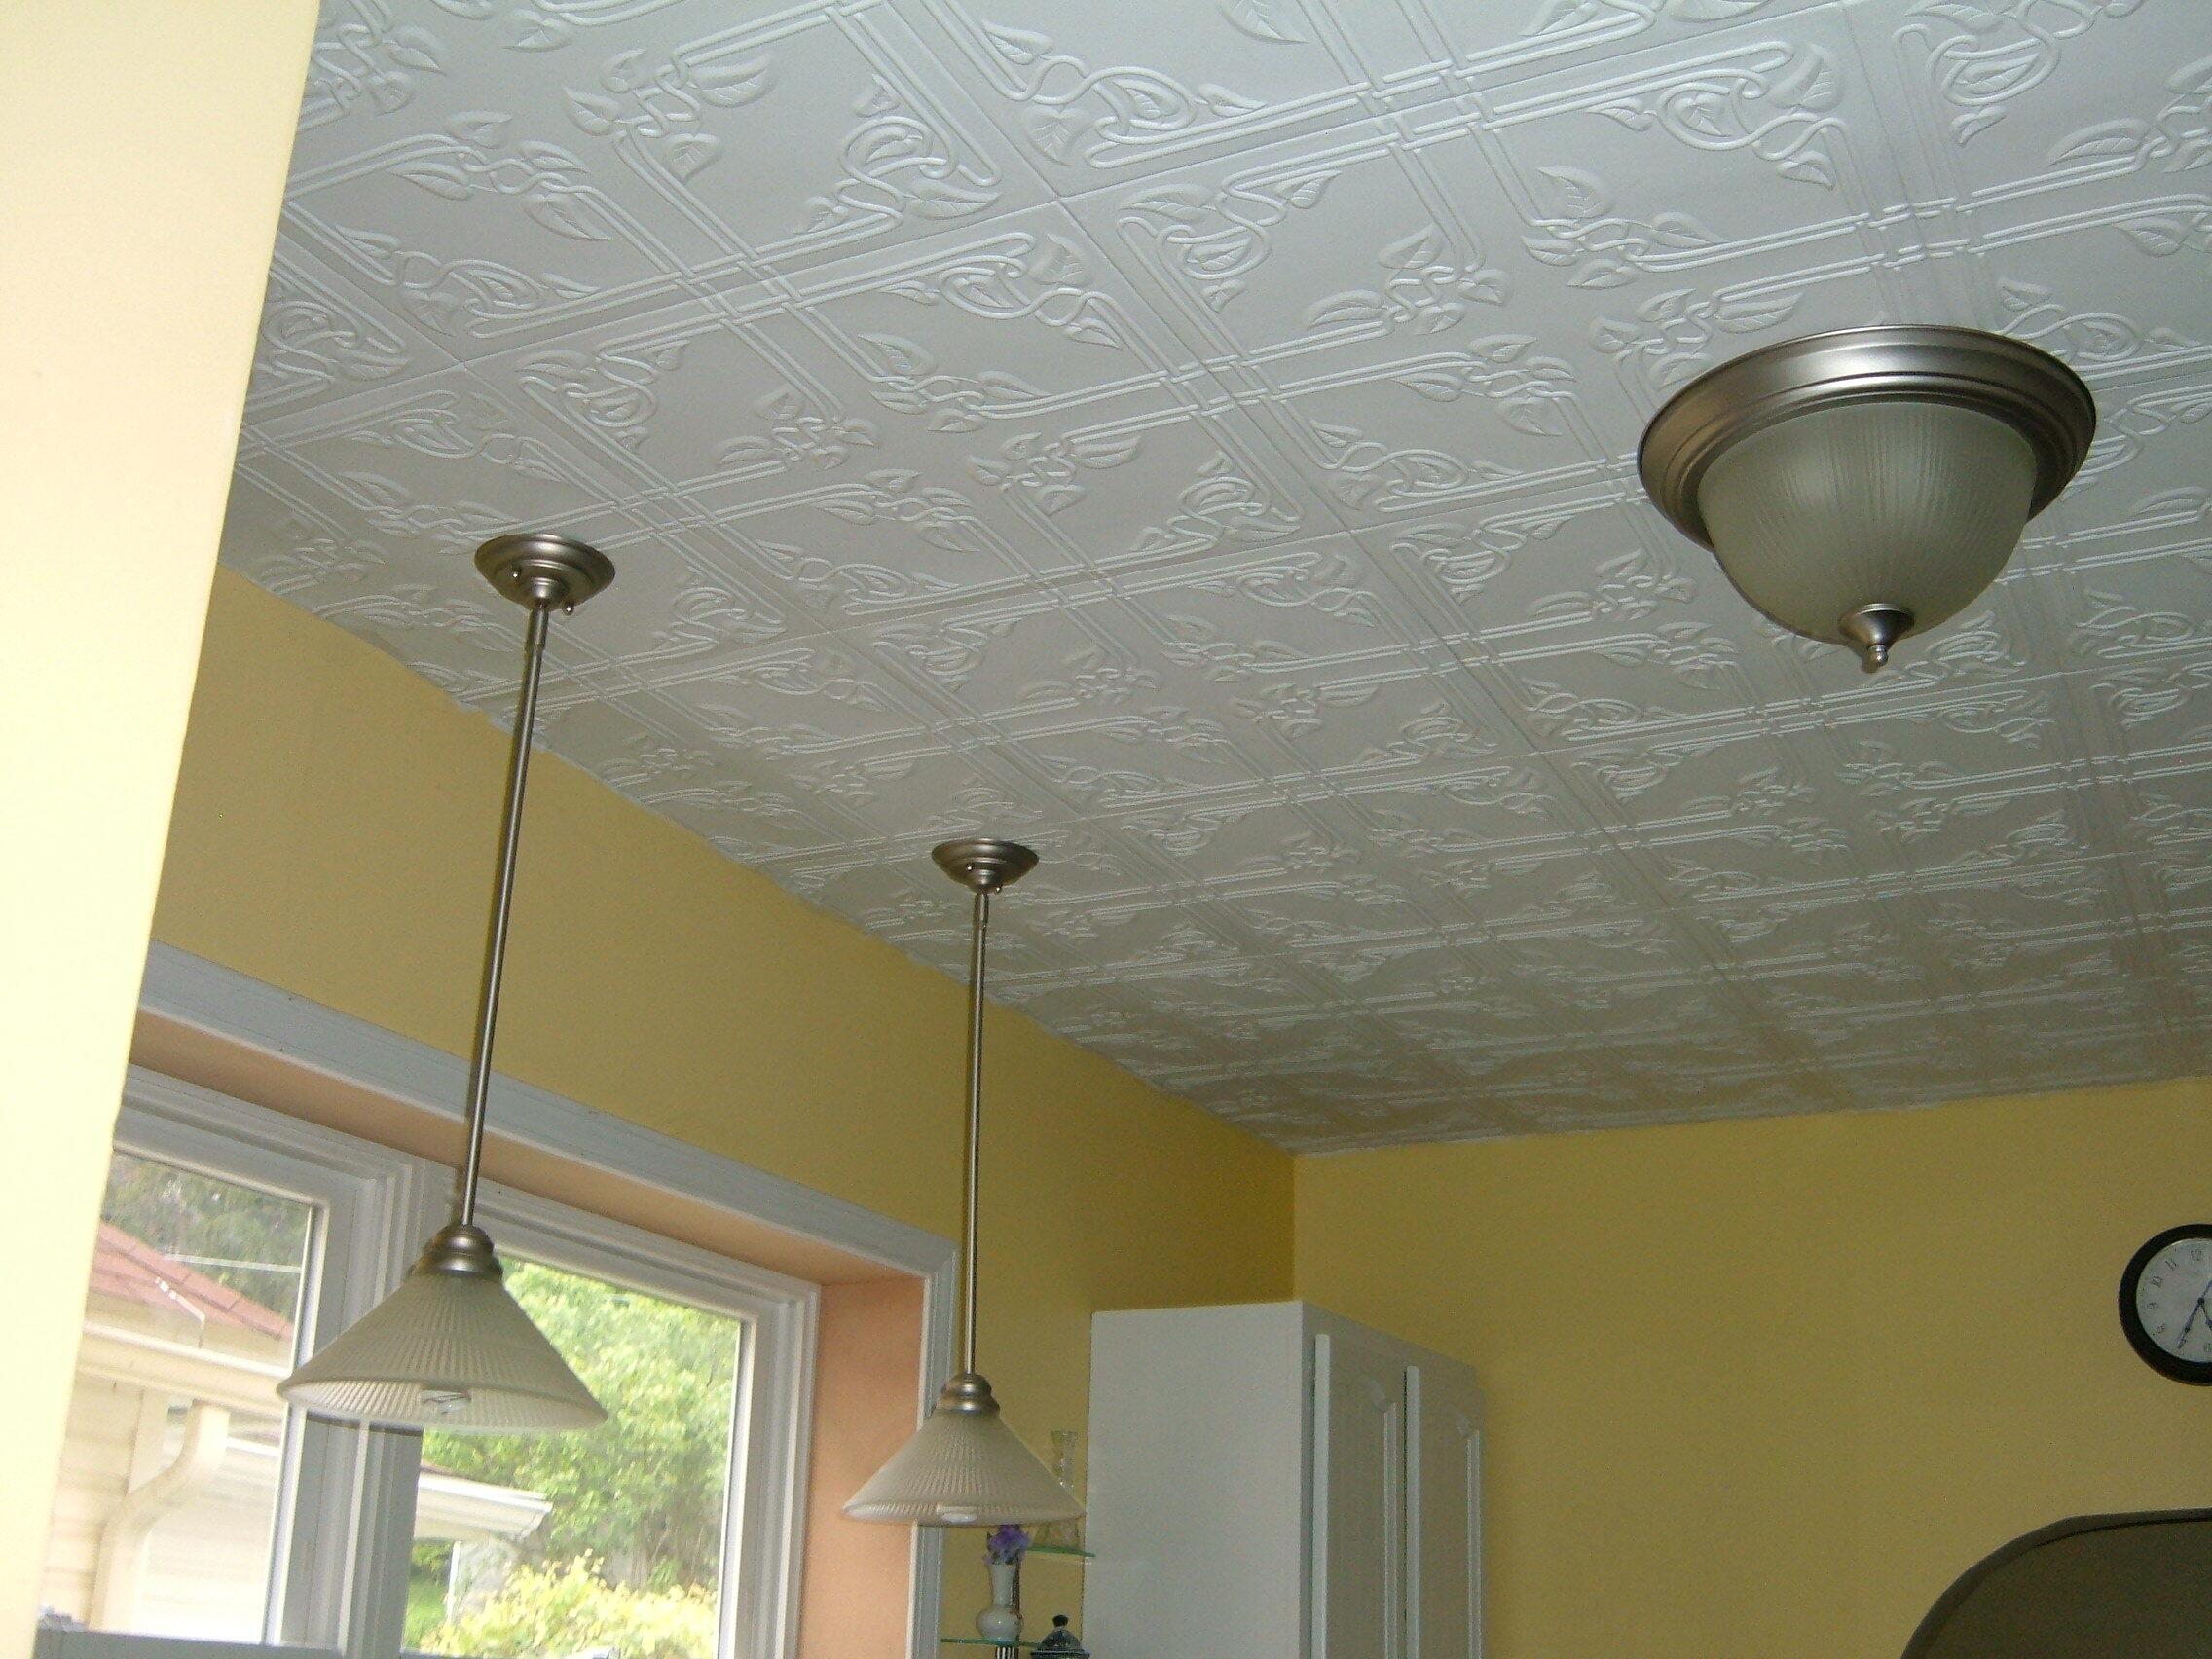 чем покрывать потолок в кухне фото подобной ситуации